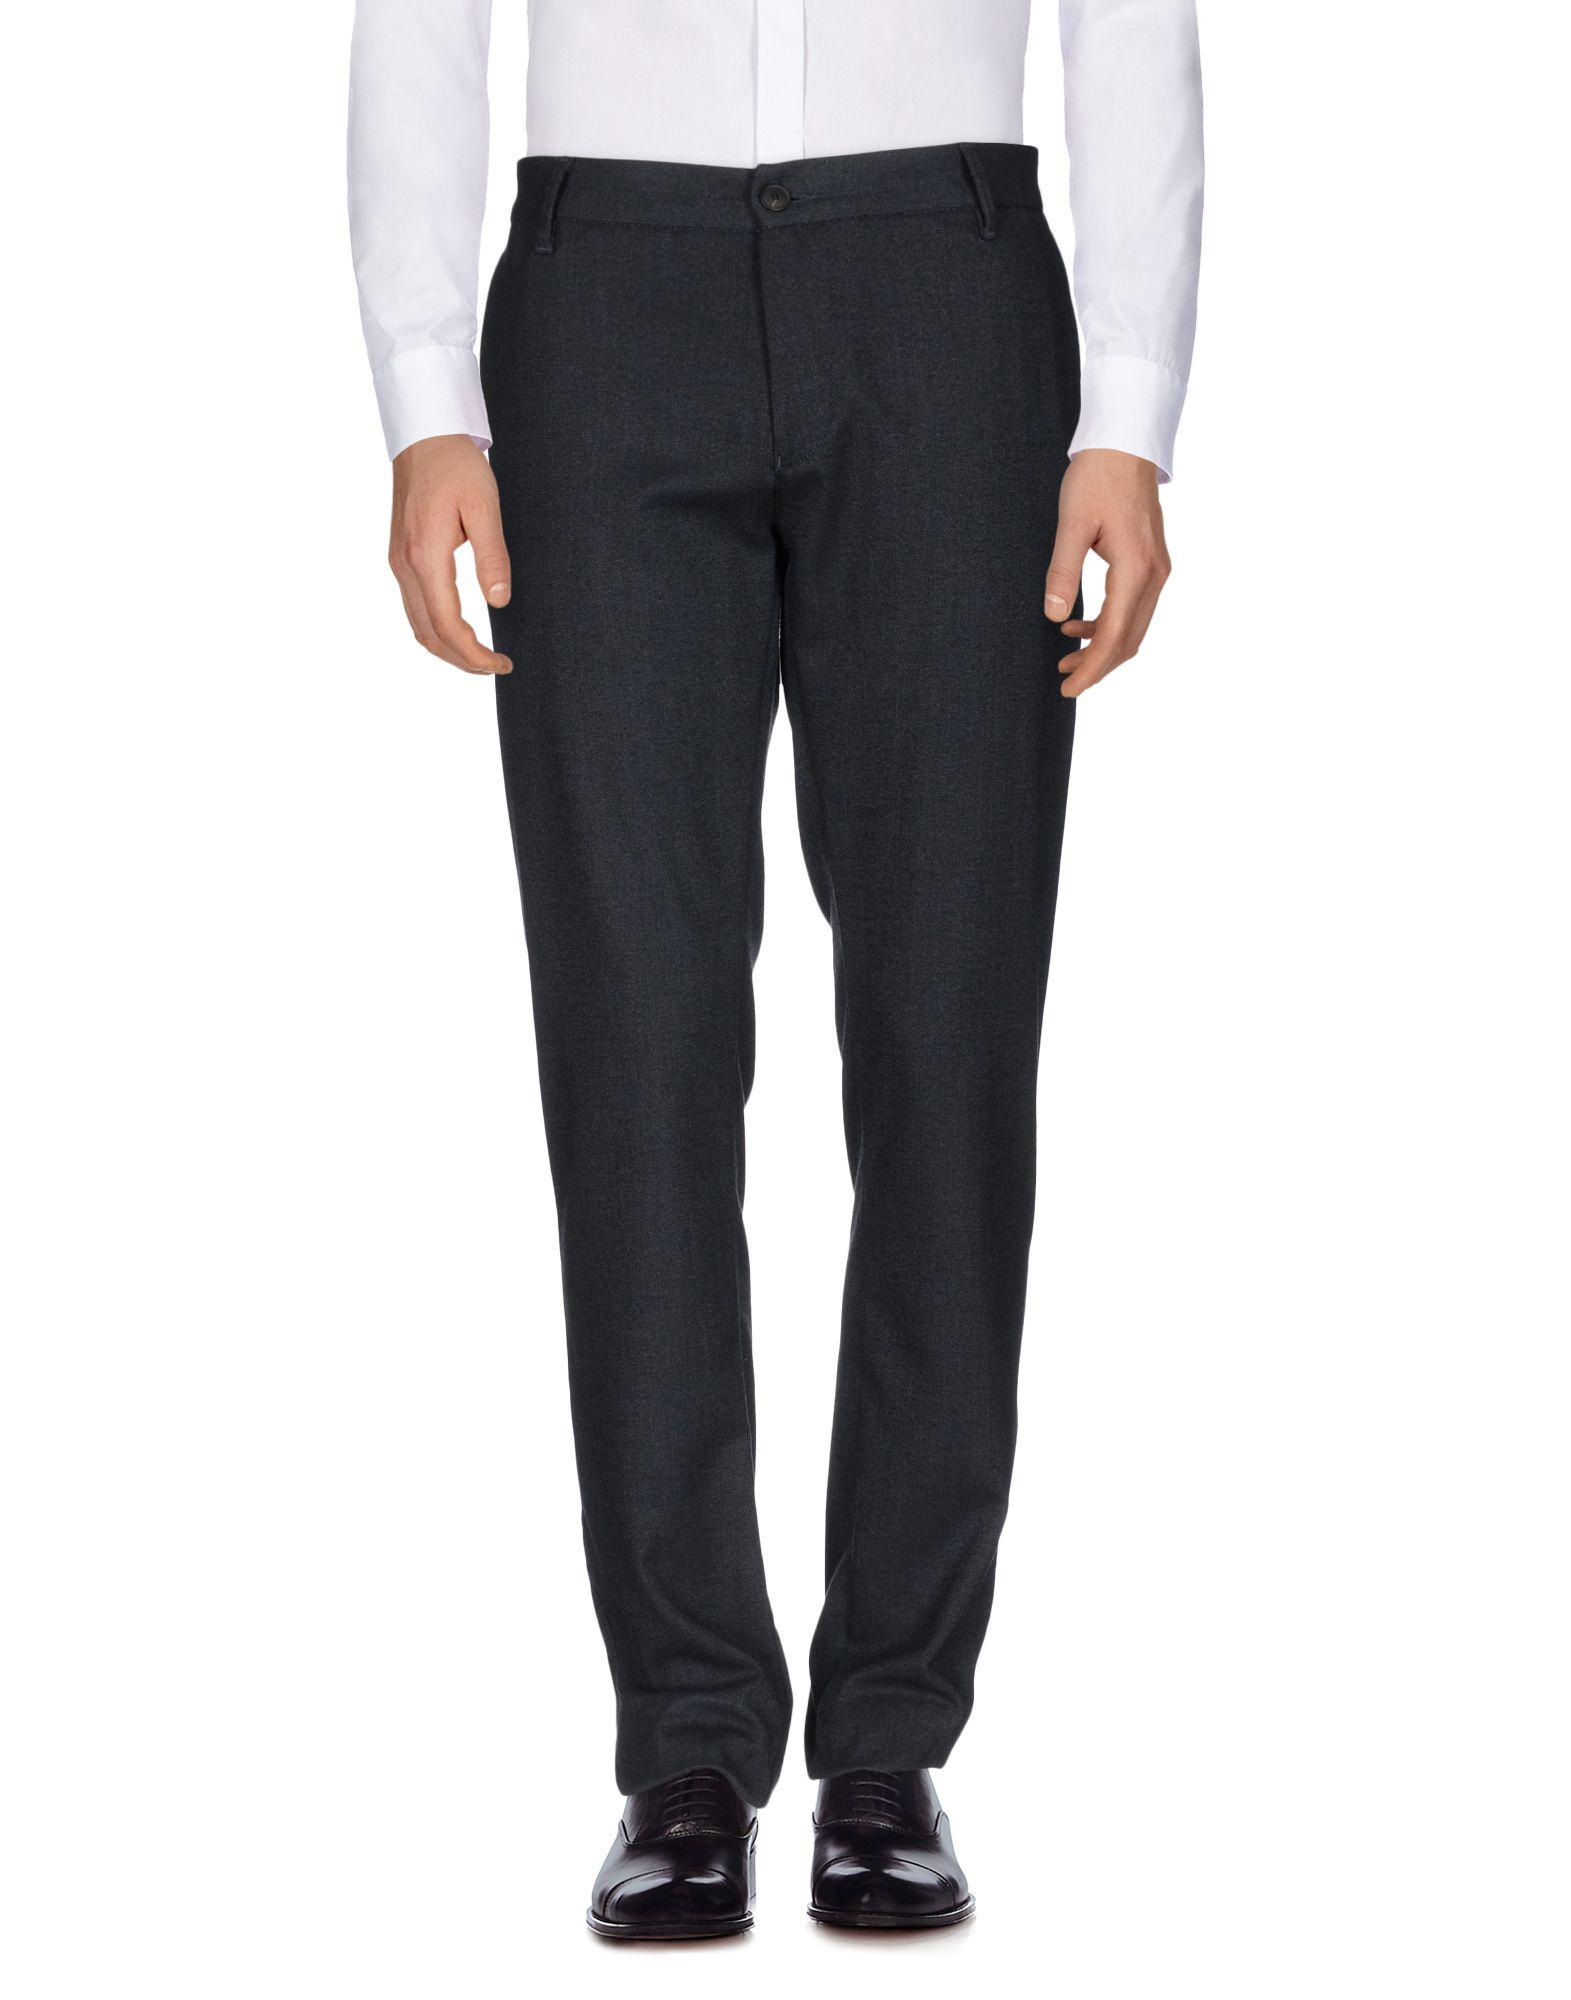 Pantalone Armani Jeans Uomo - Acquista online su